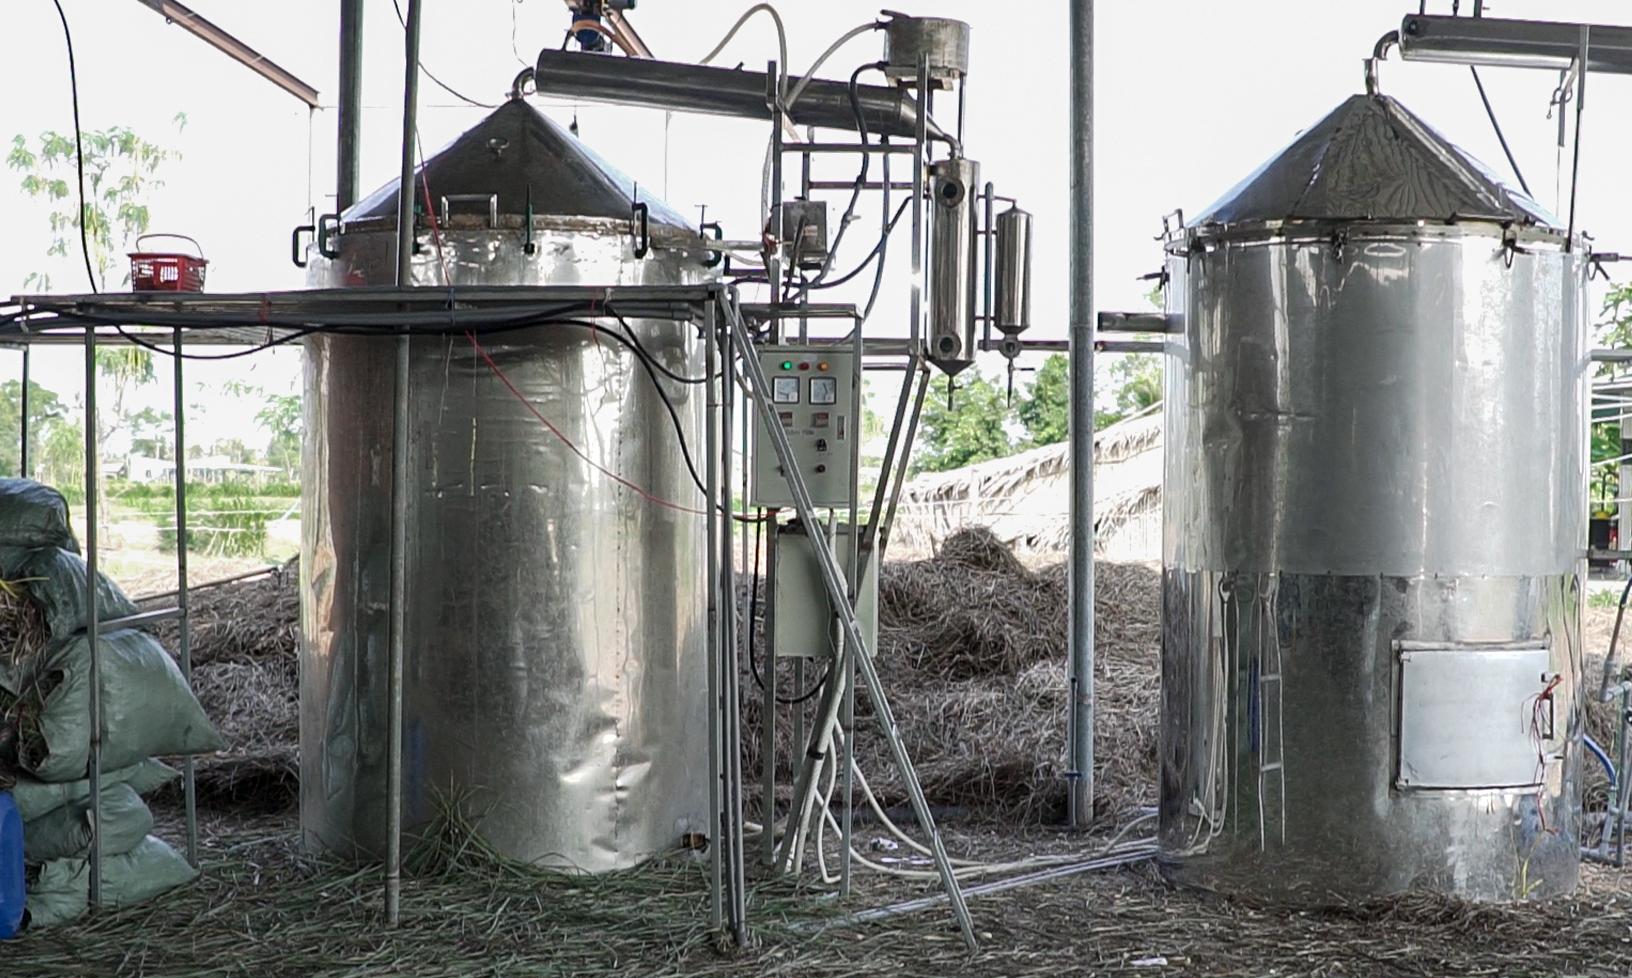 Tinh dầu Gỗ Tuyết Tùng (Hoàng Đàn) 100ml Mộc Mây - tinh dầu thiên nhiên nguyên chất 100% - chất lượng và mùi hương vượt trội, mạnh mẽ nồng nàn, nhưng êm dịu sẽ giúp cho bạn có những giây phút không thể tuyệt vời hơn - Có kiểm định 19